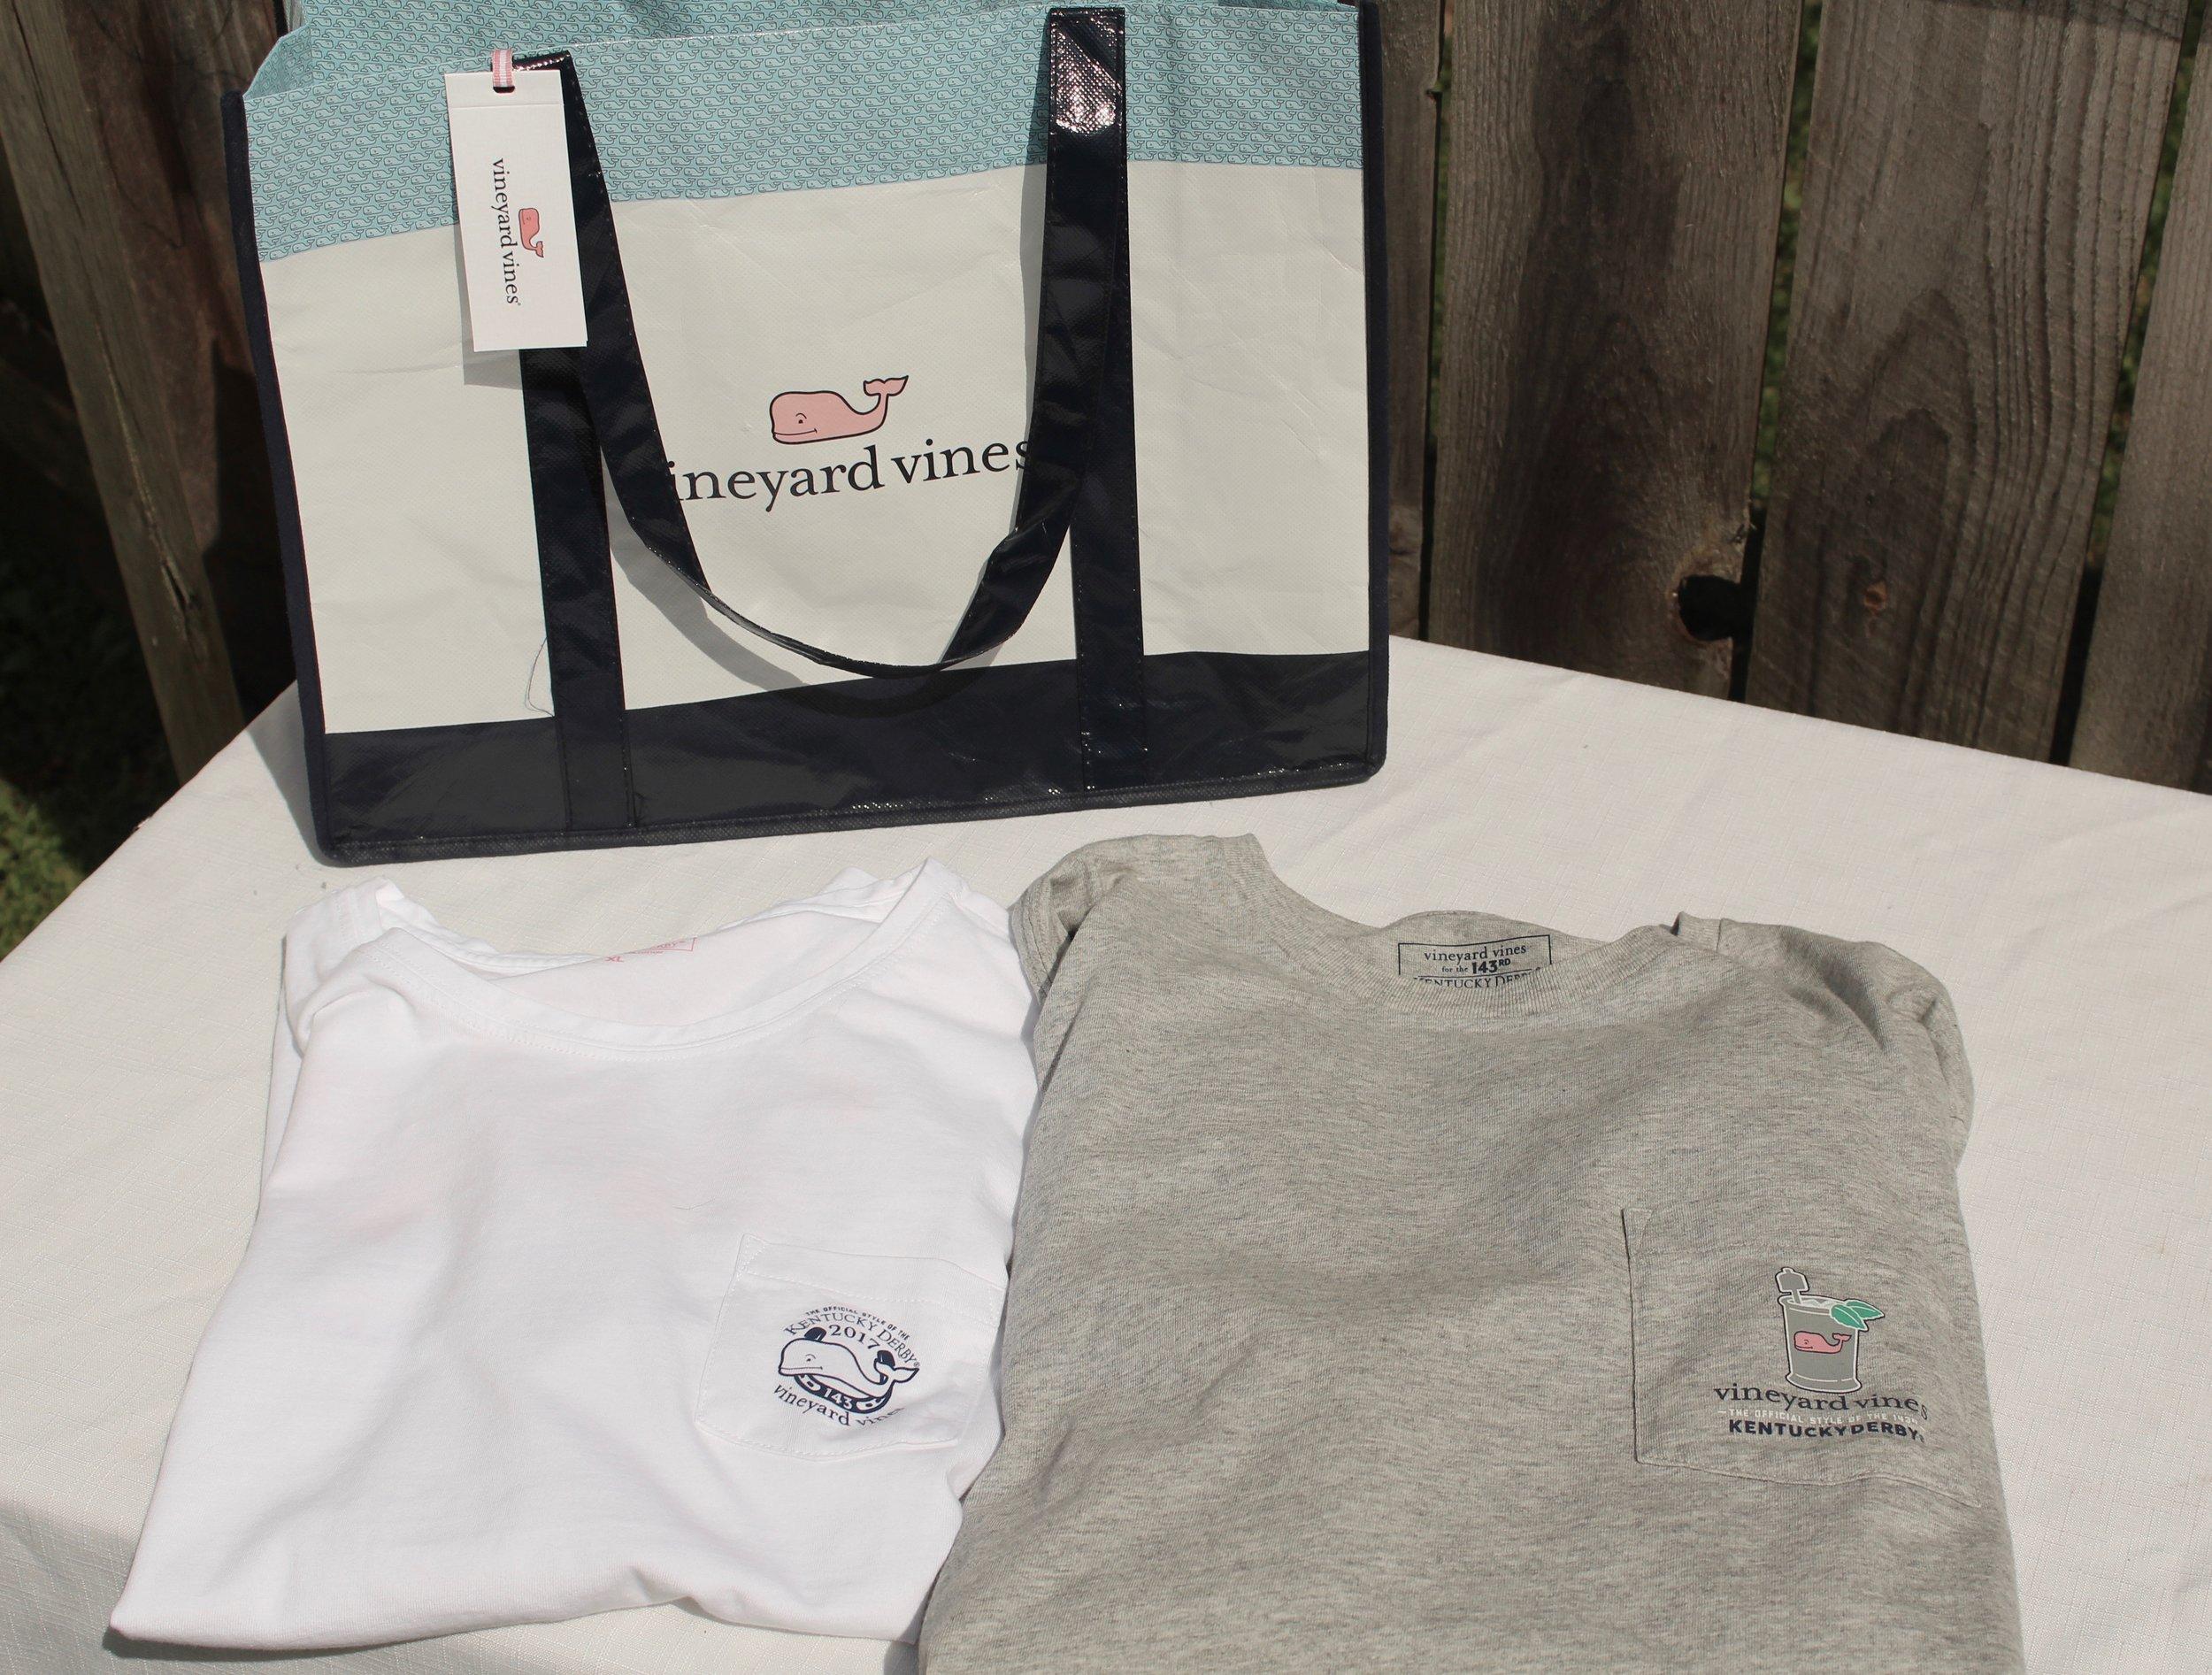 Vineyard Vines Derby 143 Shirts